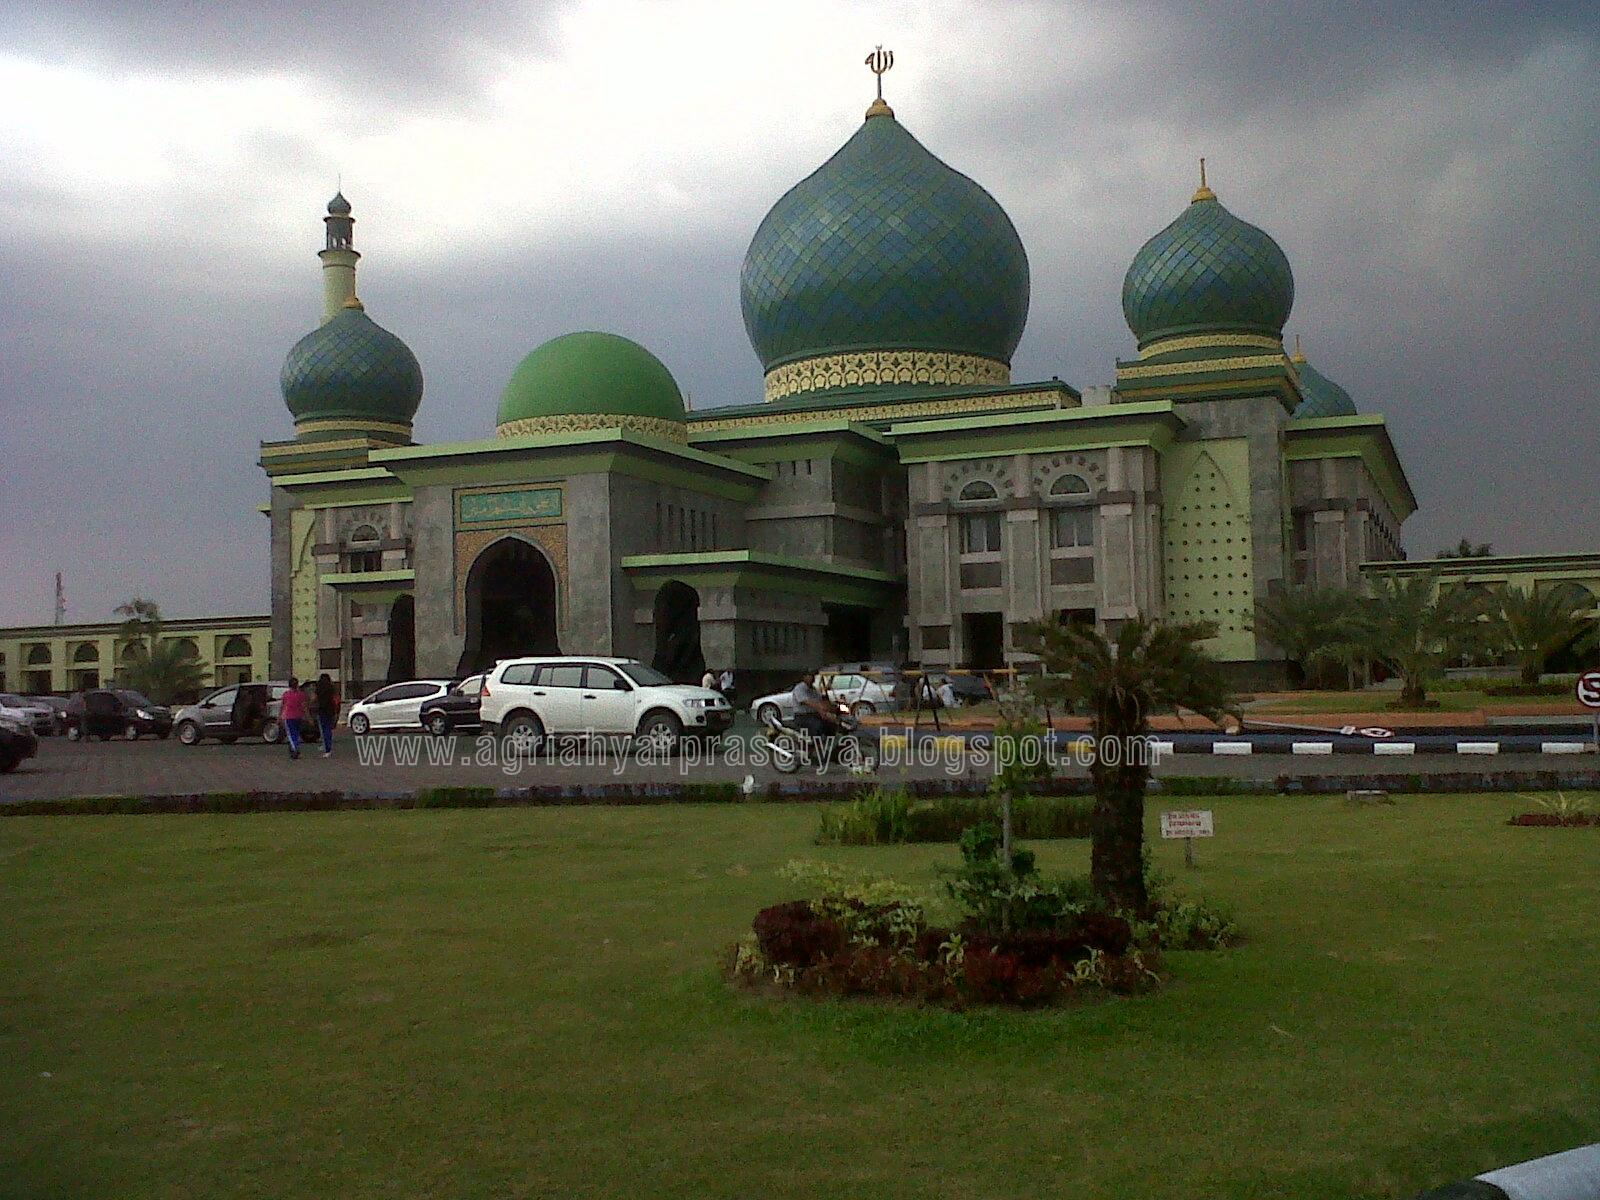 Jalan Sore Masjid Agung Nur Yuk Agri Ahyar Prasetya Tinggal